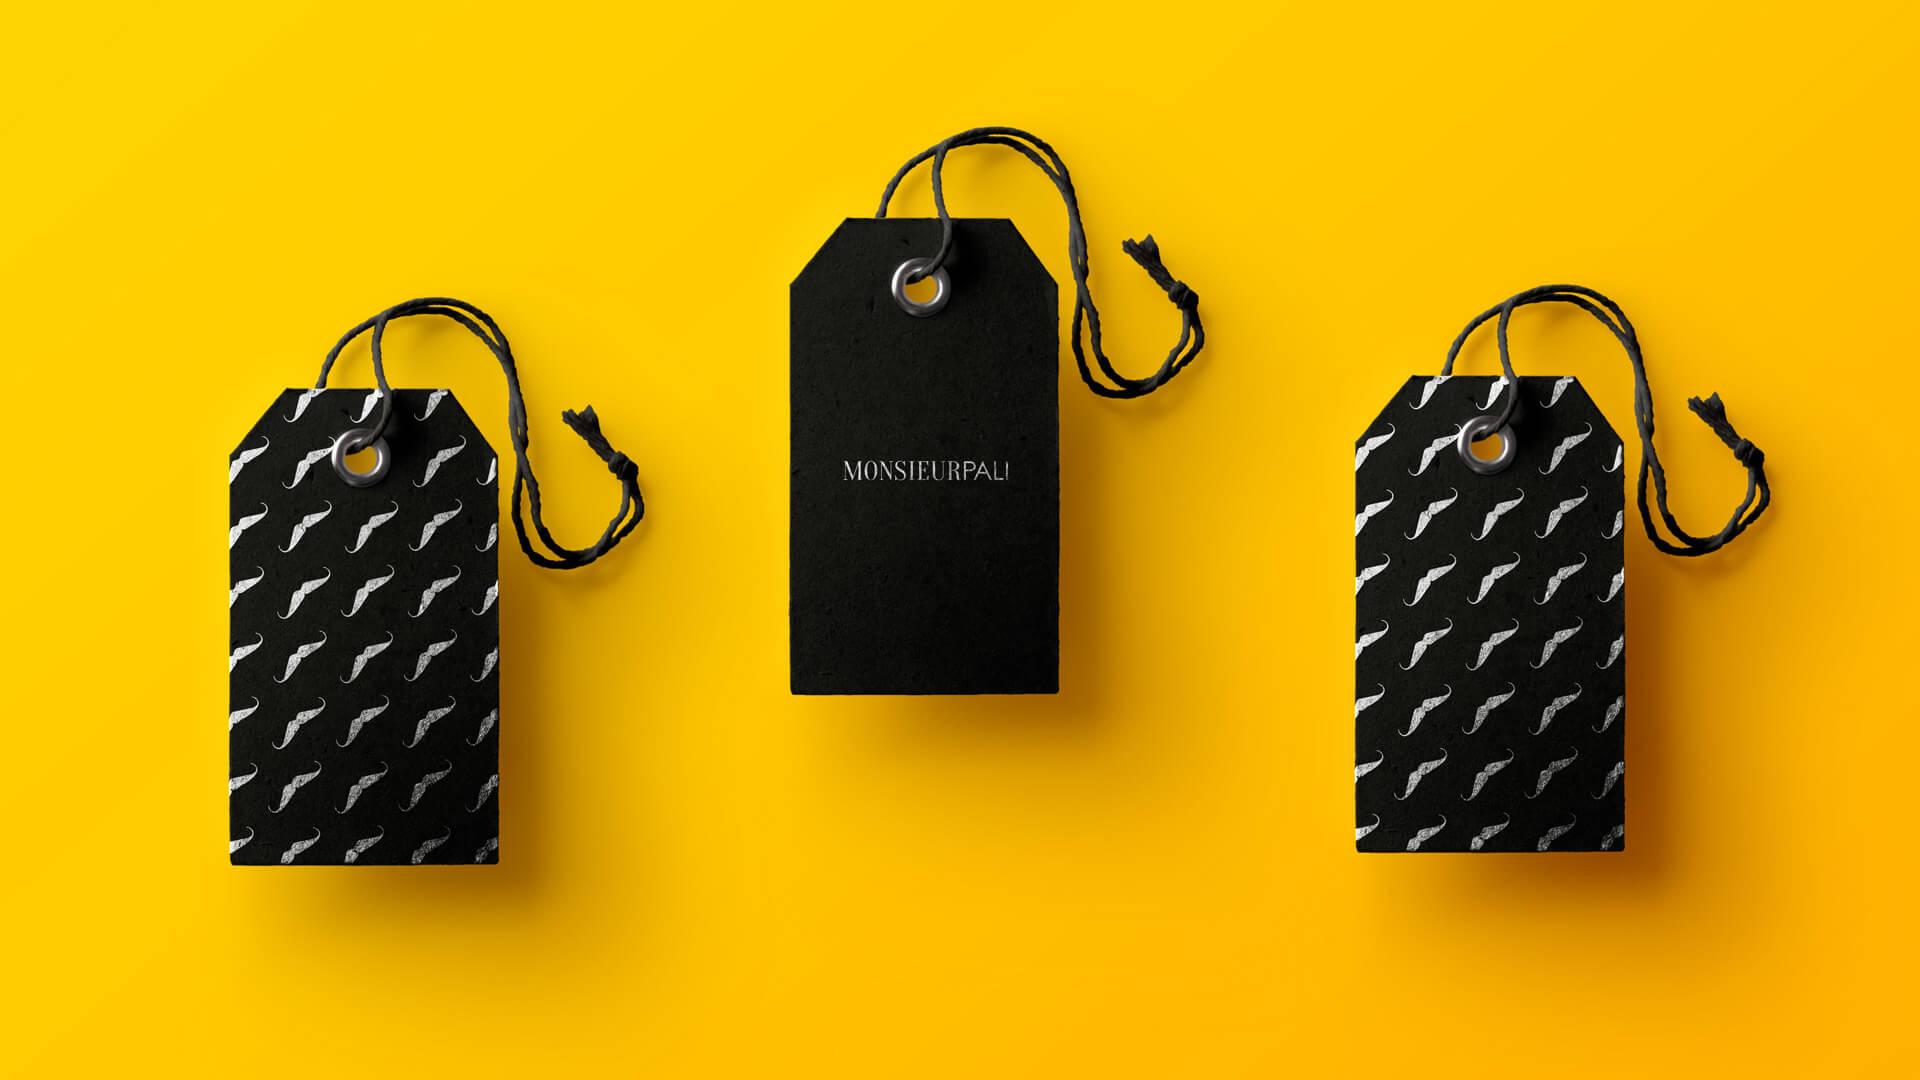 monsieur-pali-branding-14-brampton-toronto-mississauga